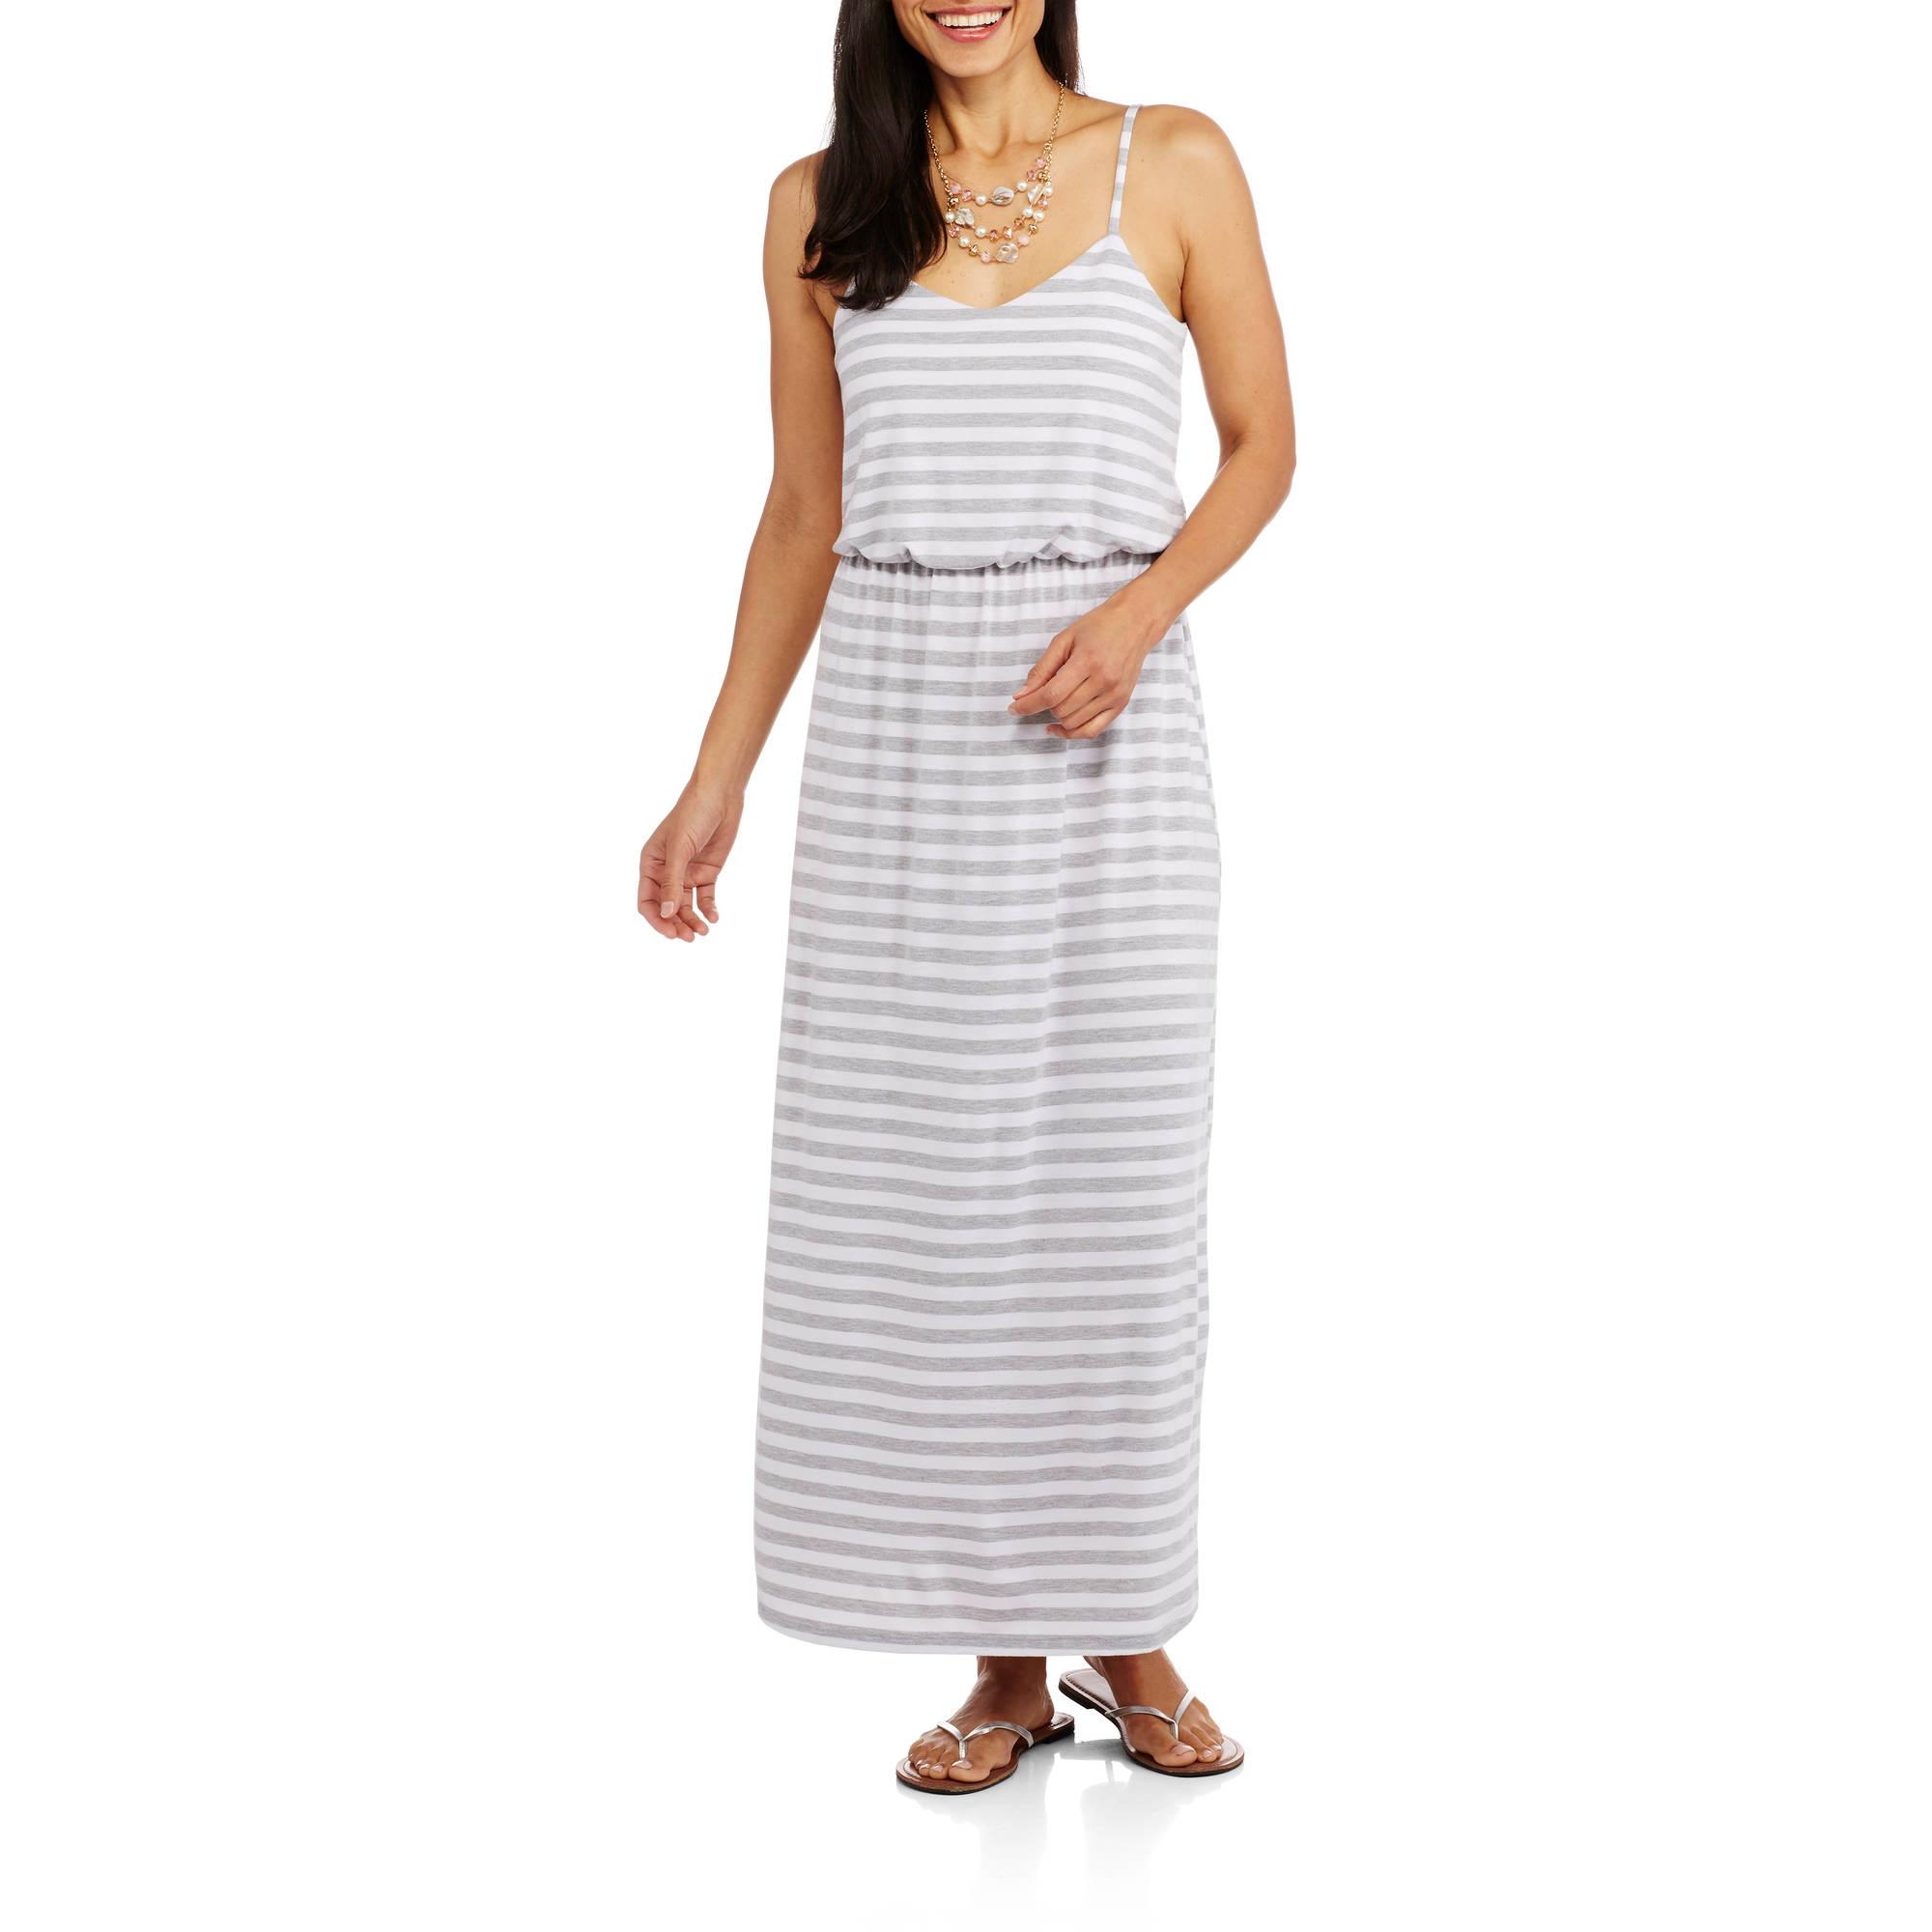 Faded glory summer dresses